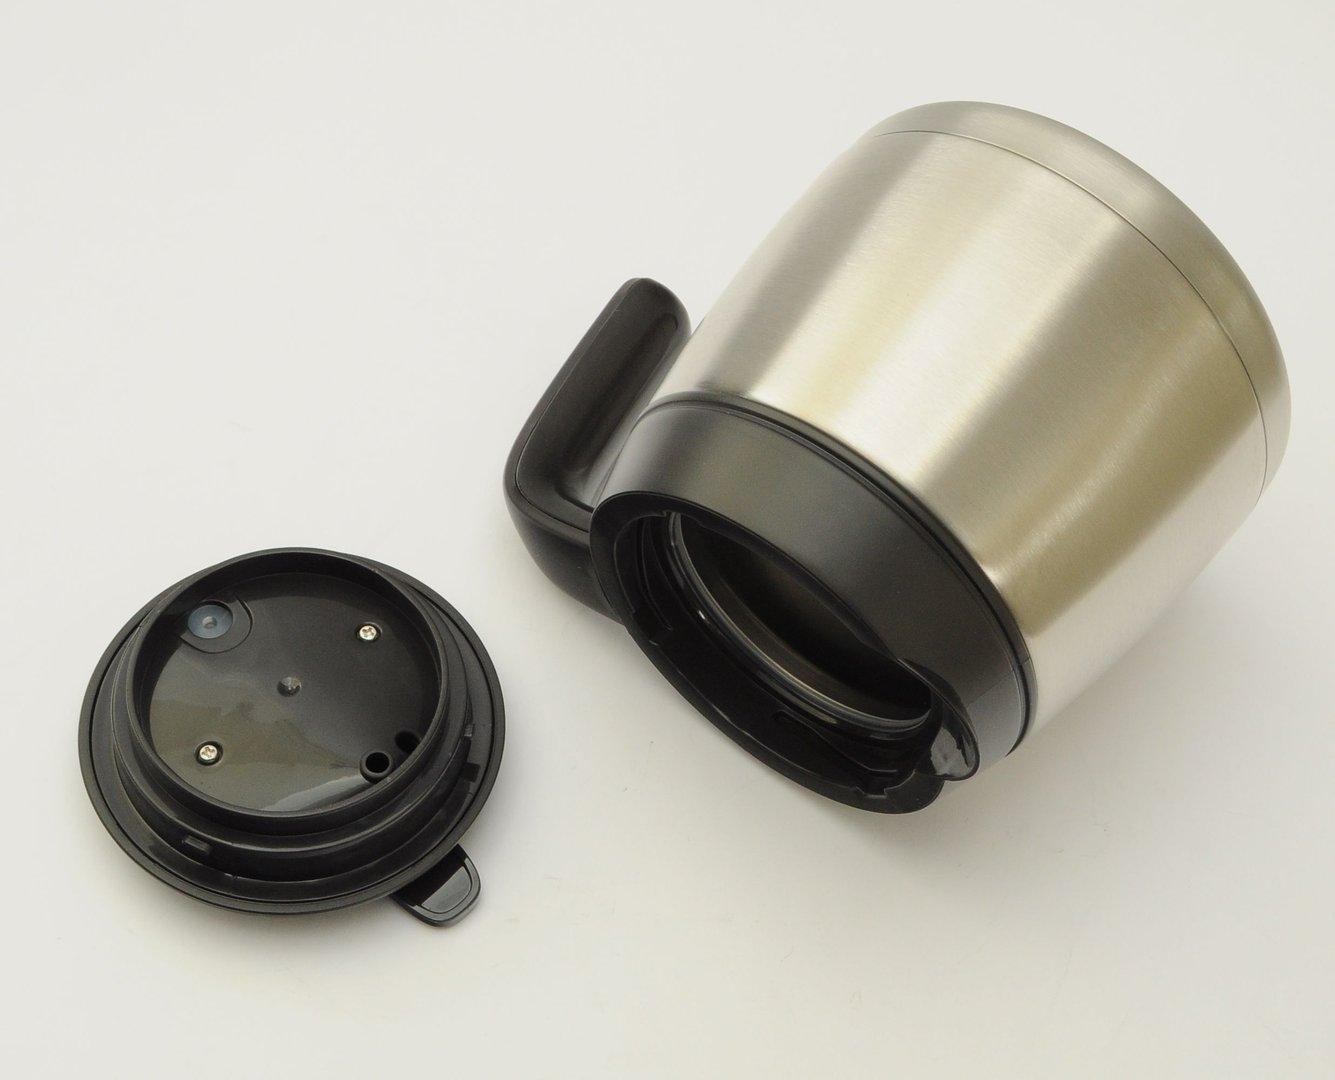 thermokanne warmhaltekanne kaffeemaschine aeg kf525 4055148490. Black Bedroom Furniture Sets. Home Design Ideas